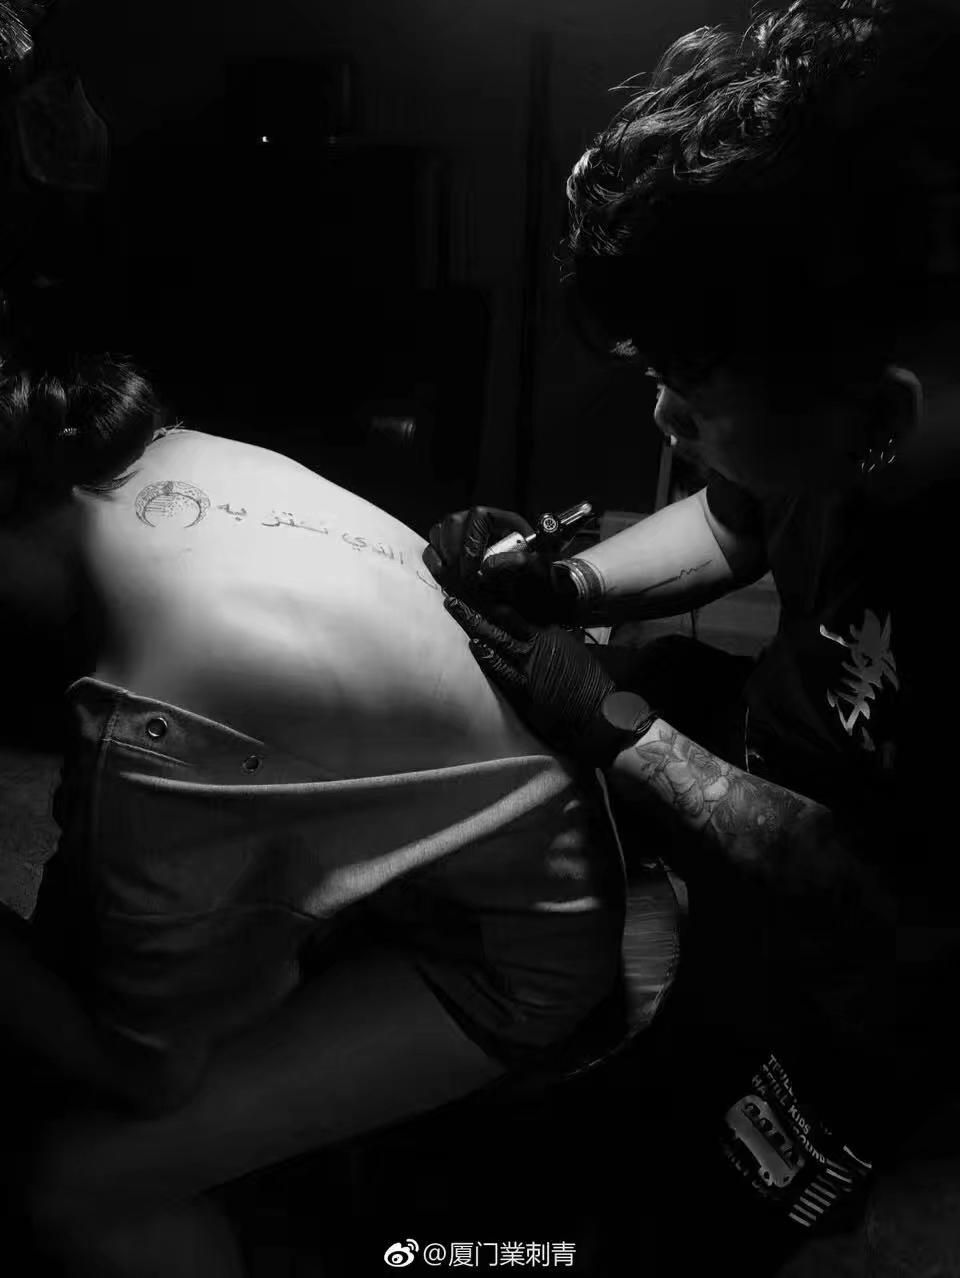 厦门纹身环境,安全卫生的纹身工作室